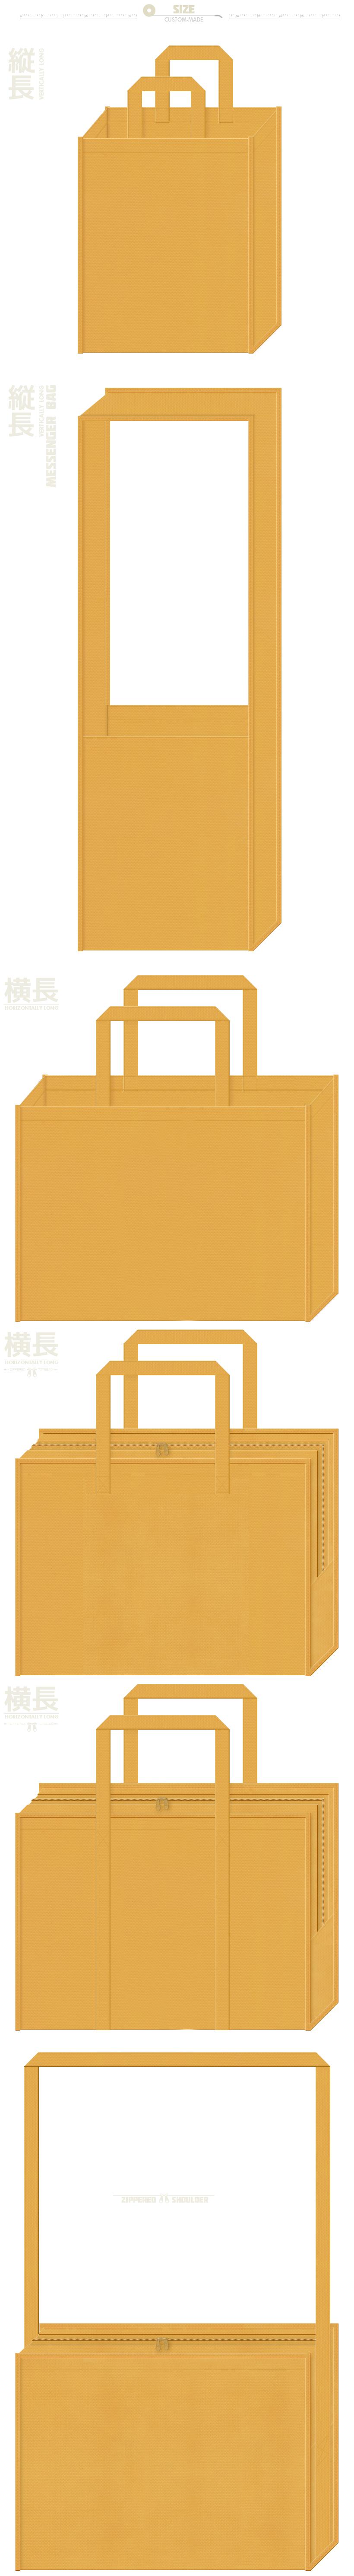 黄土色単色の不織布バッグにお奨めのイメージ:キャラメル・ピーナツ・クッキー・ピラミッド・玉ねぎ・イチョウ